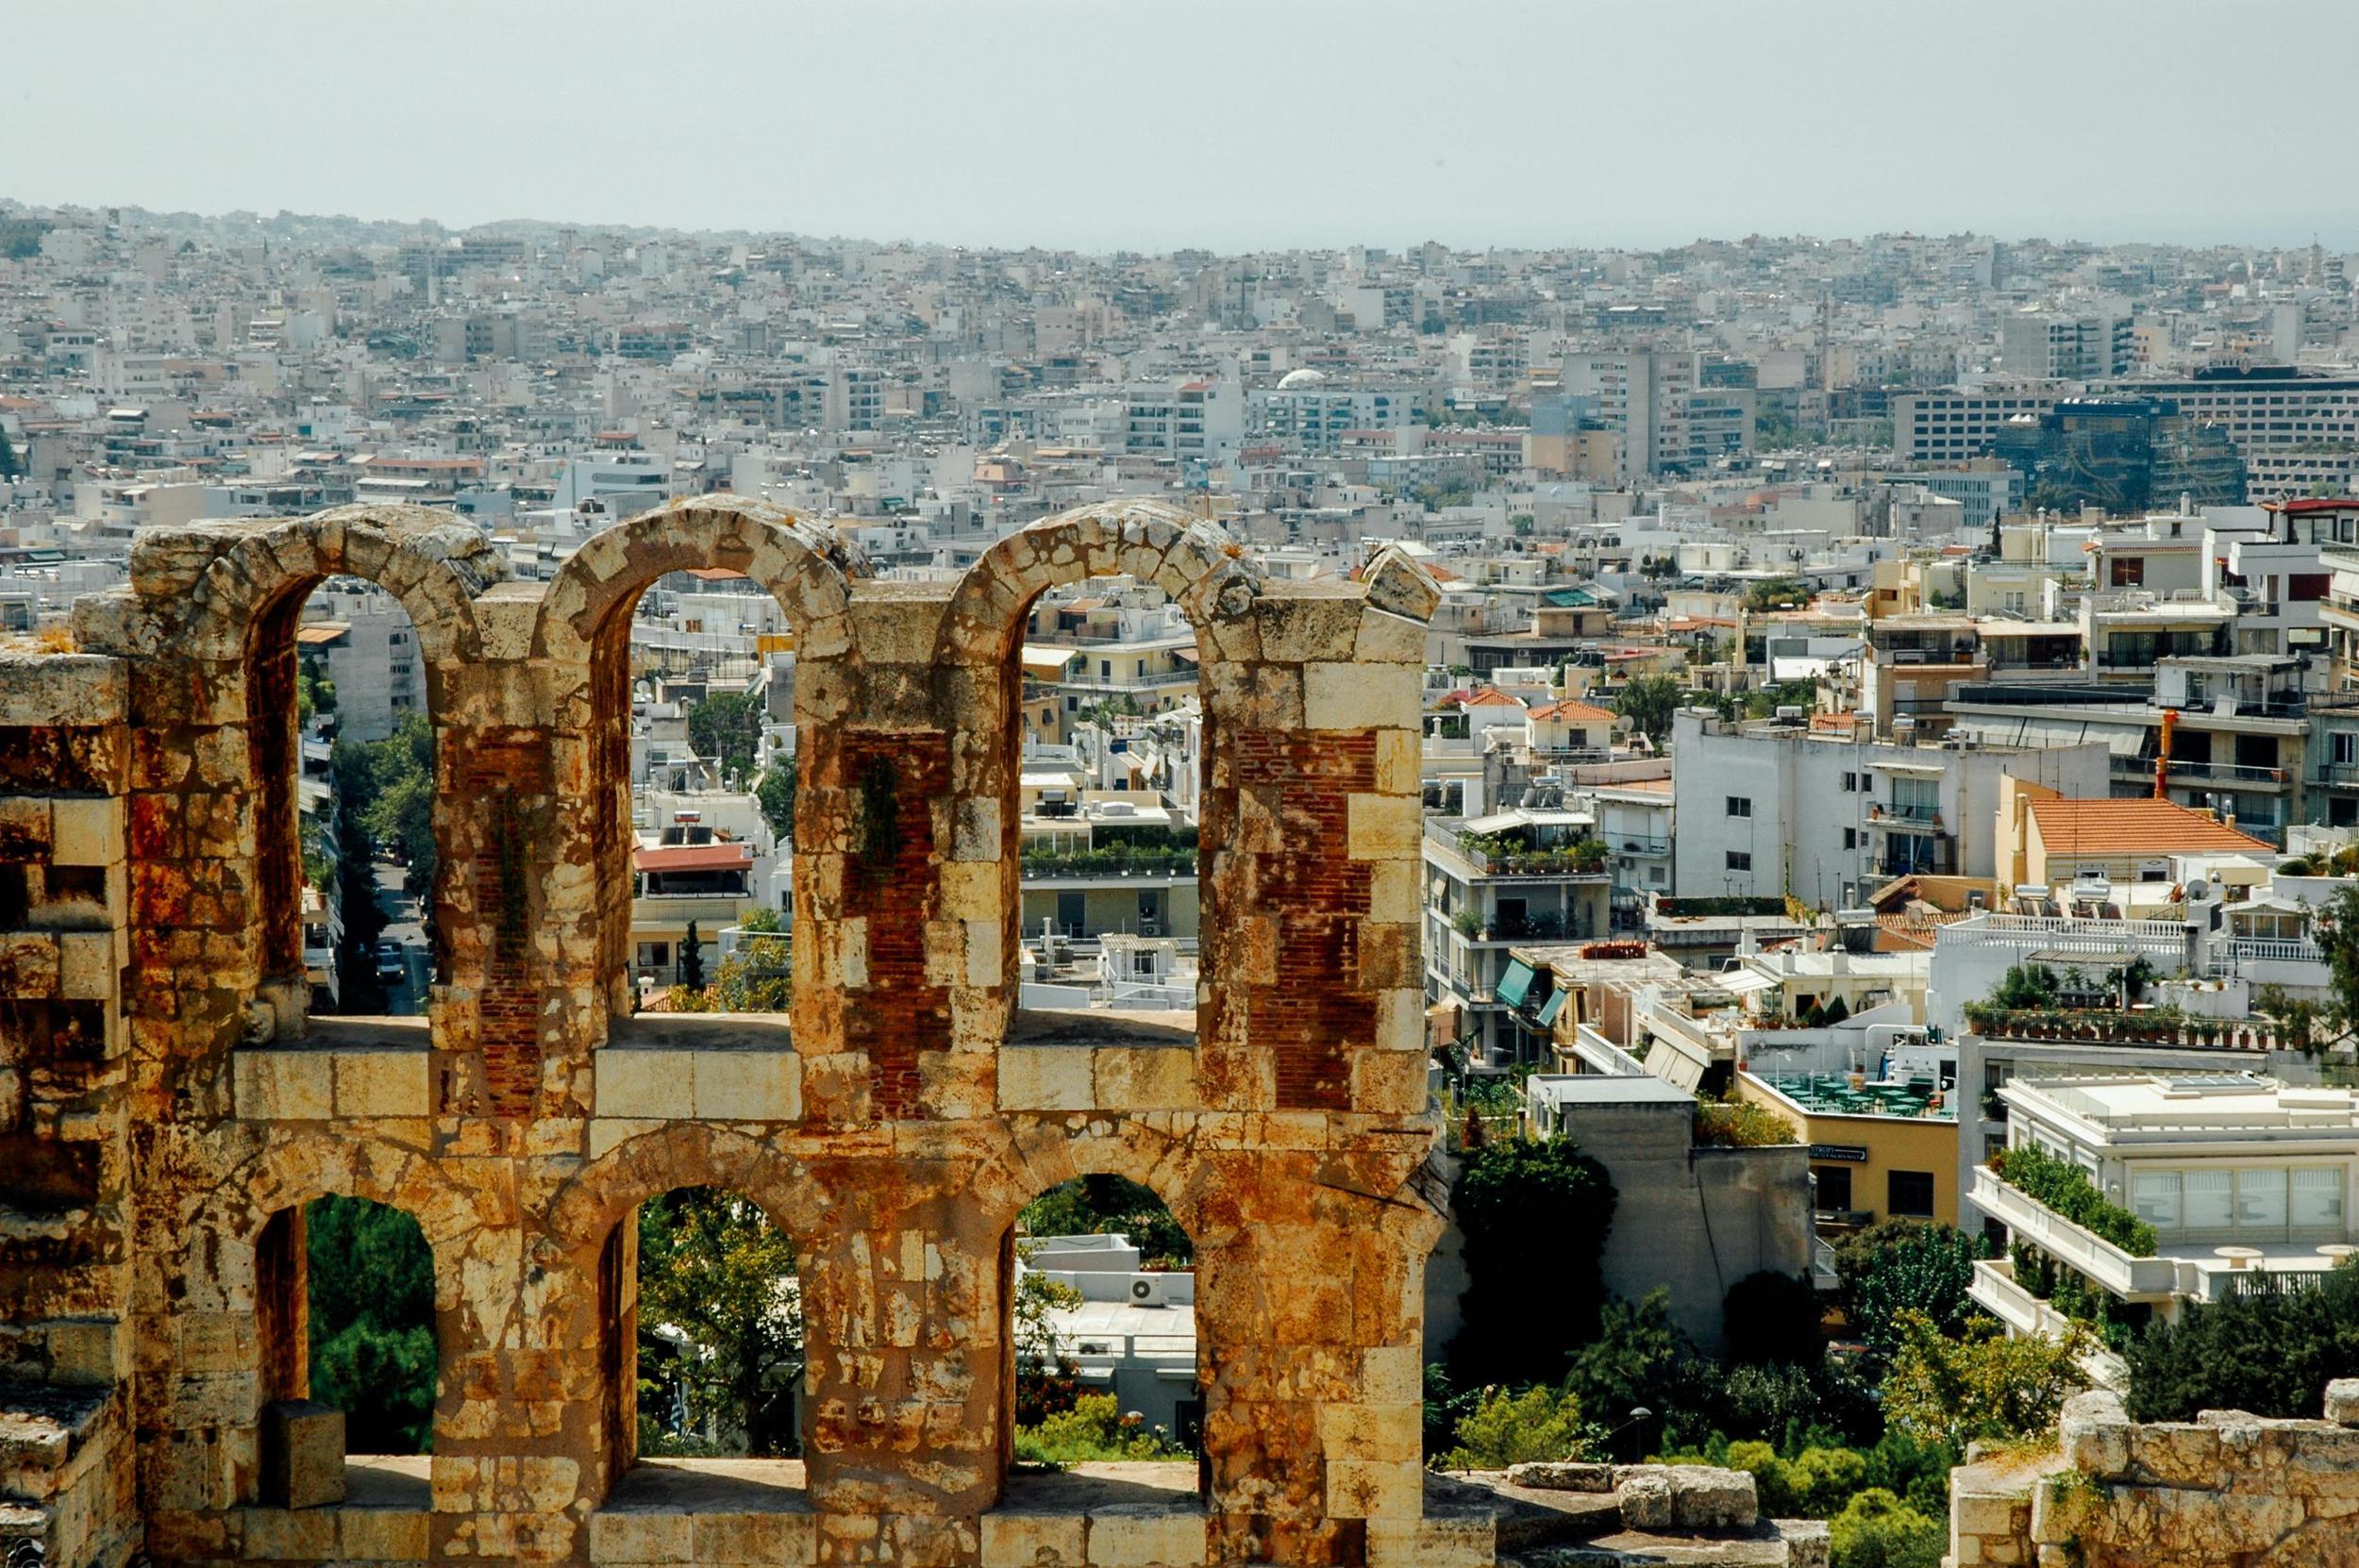 cityscape-athens-greece-2_23371274942_o.jpg